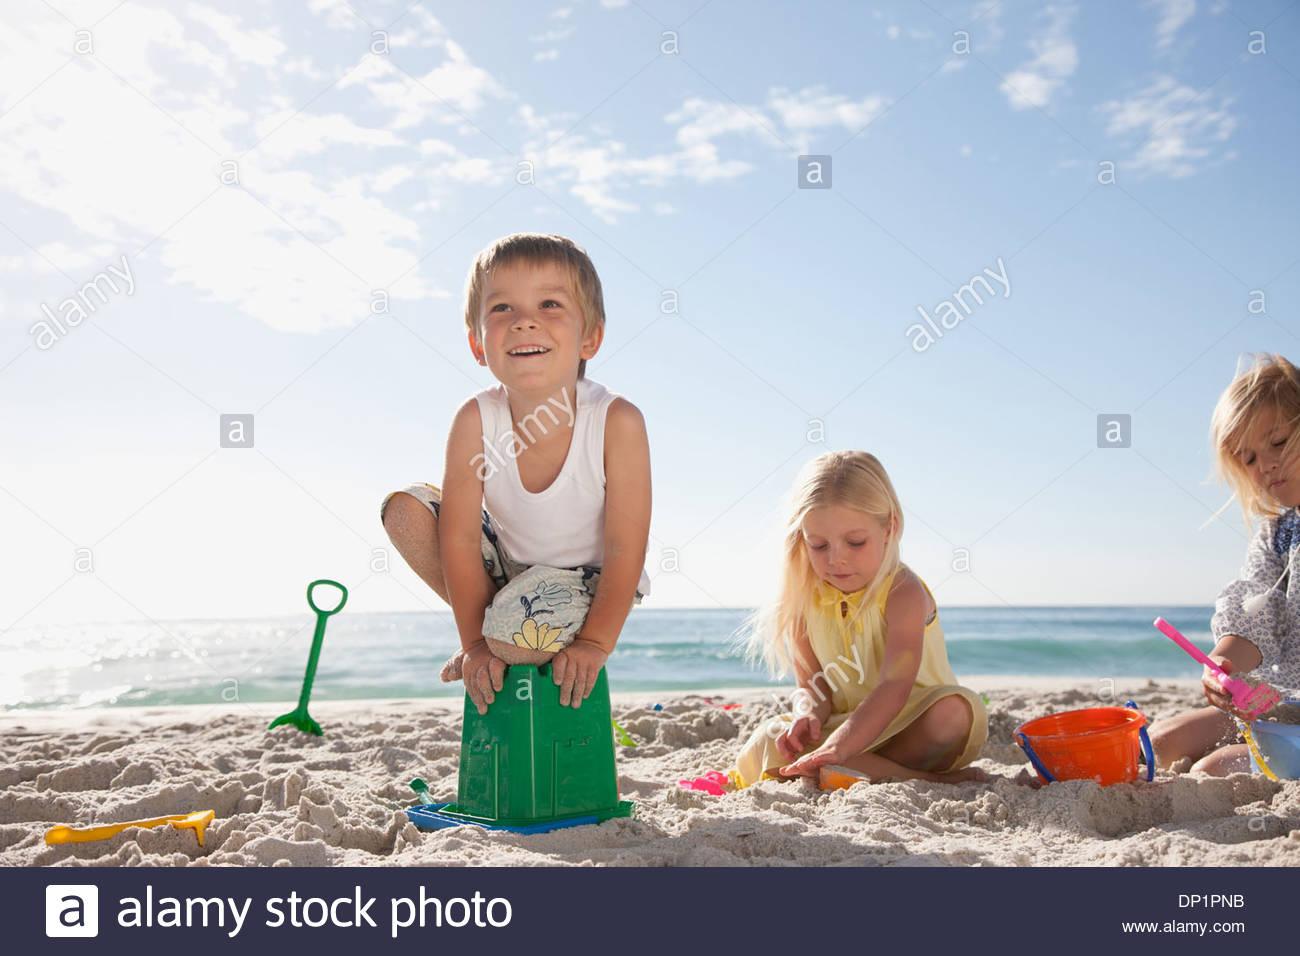 Les enfants jouant sur la plage Photo Stock